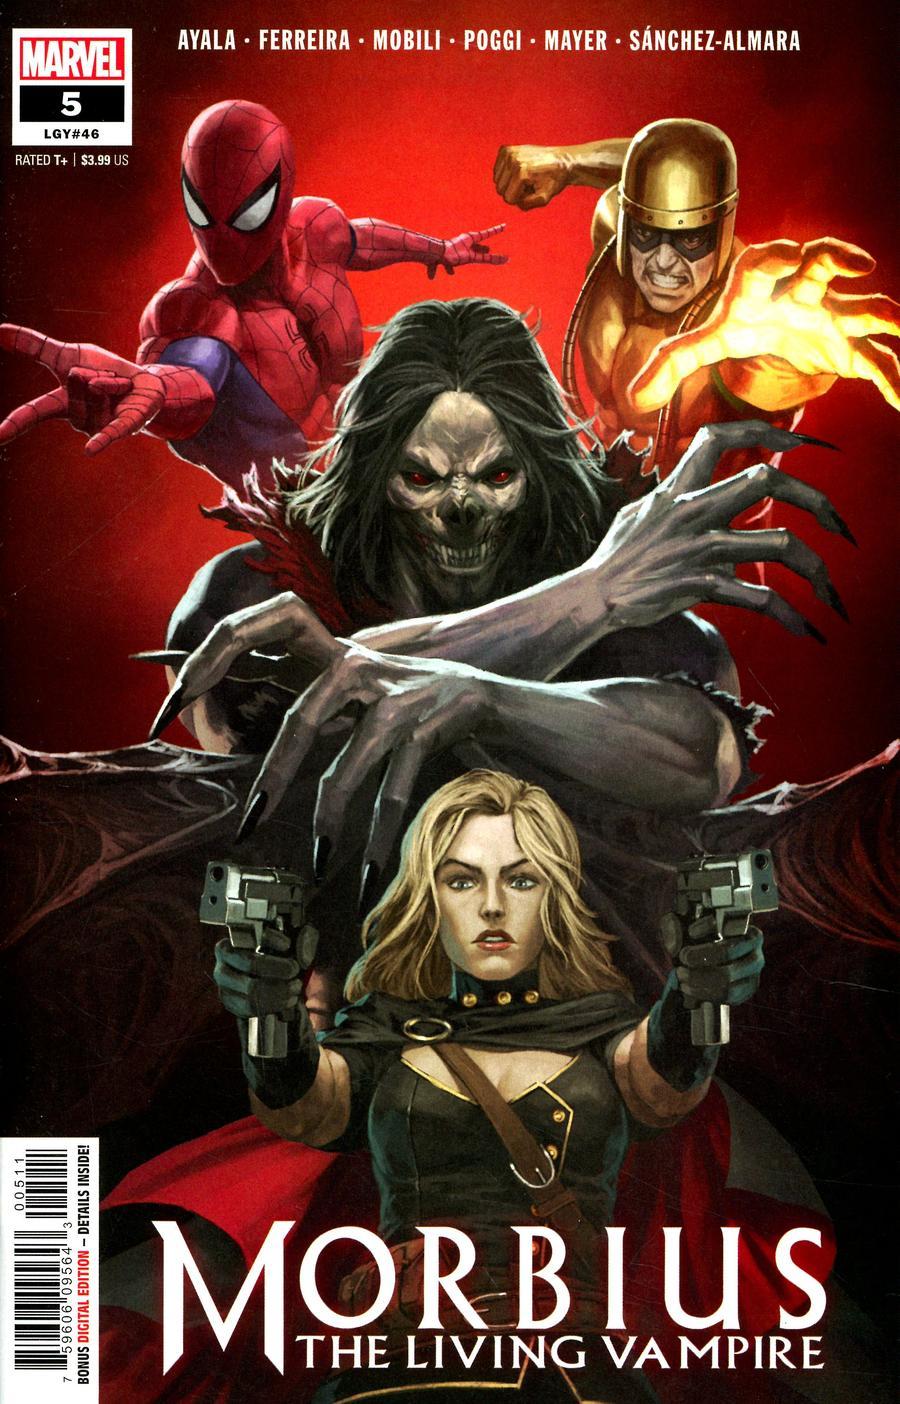 Morbius #5 Cover A Regular Skan Cover